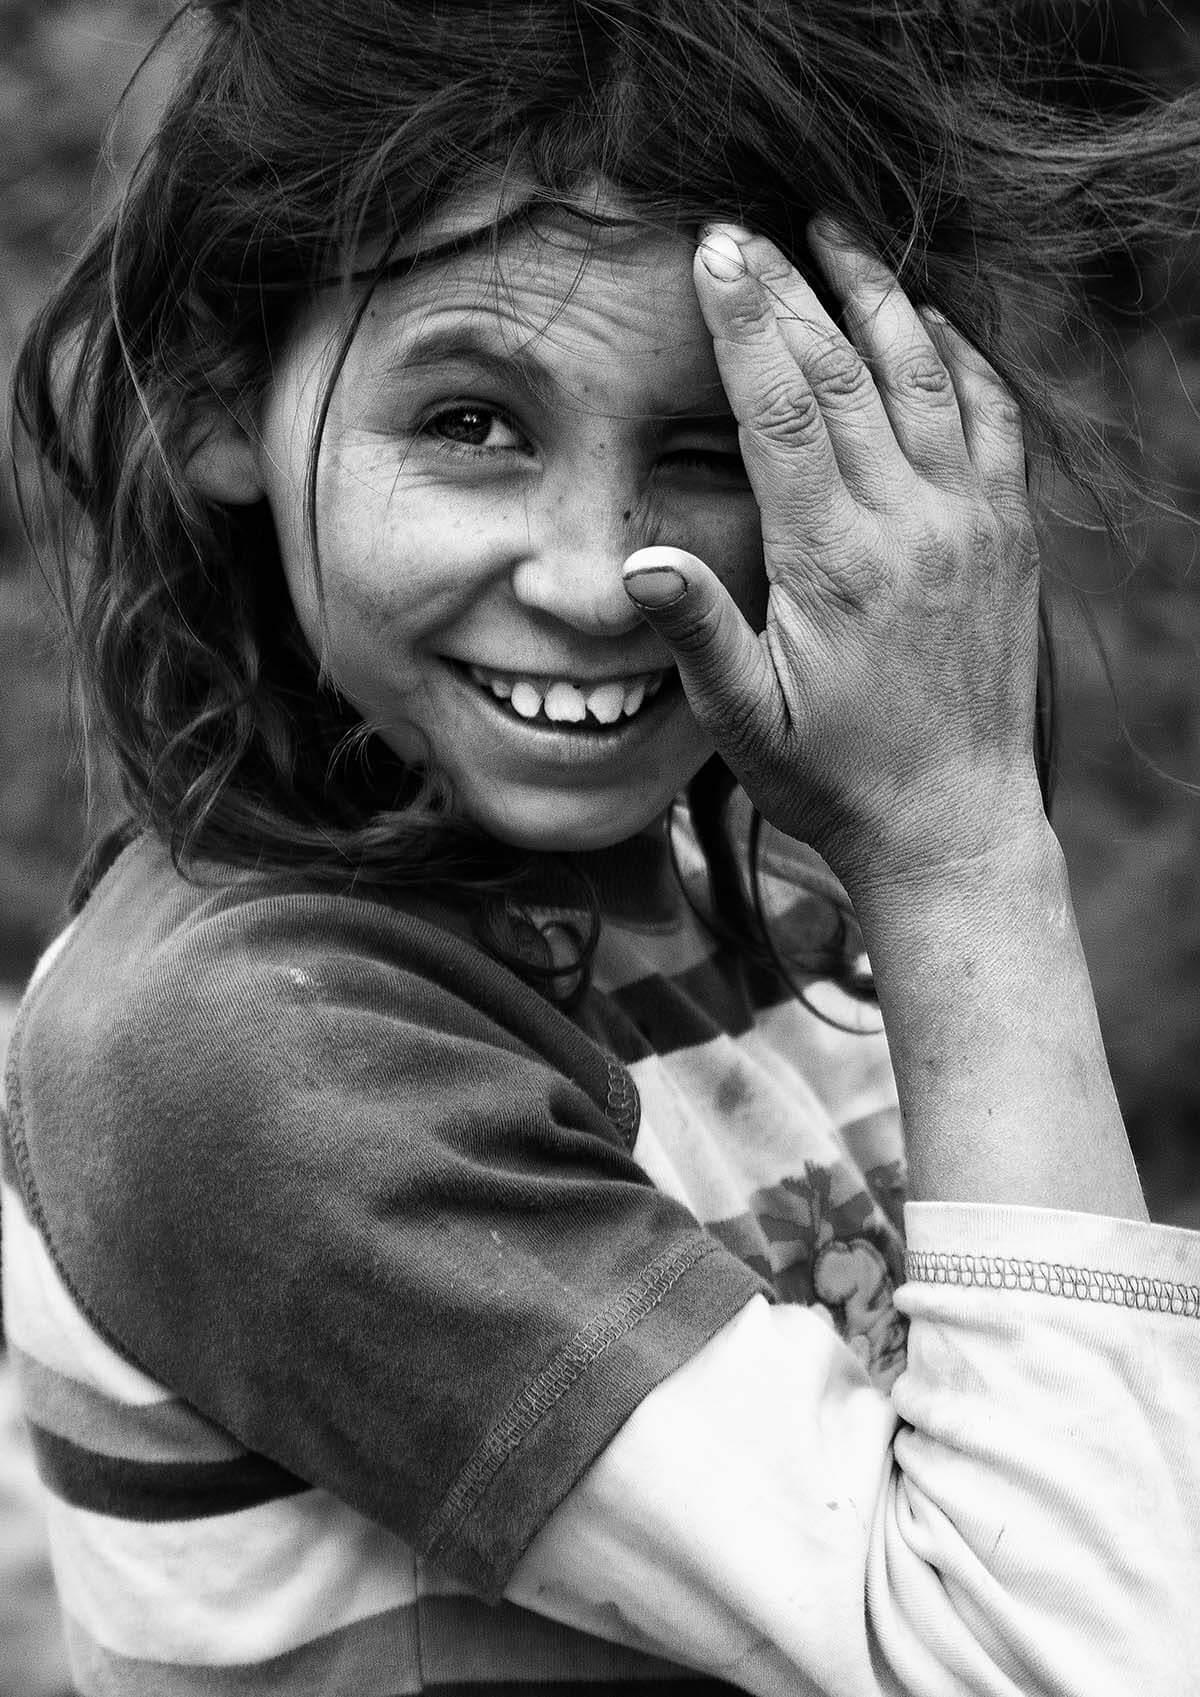 nomad child